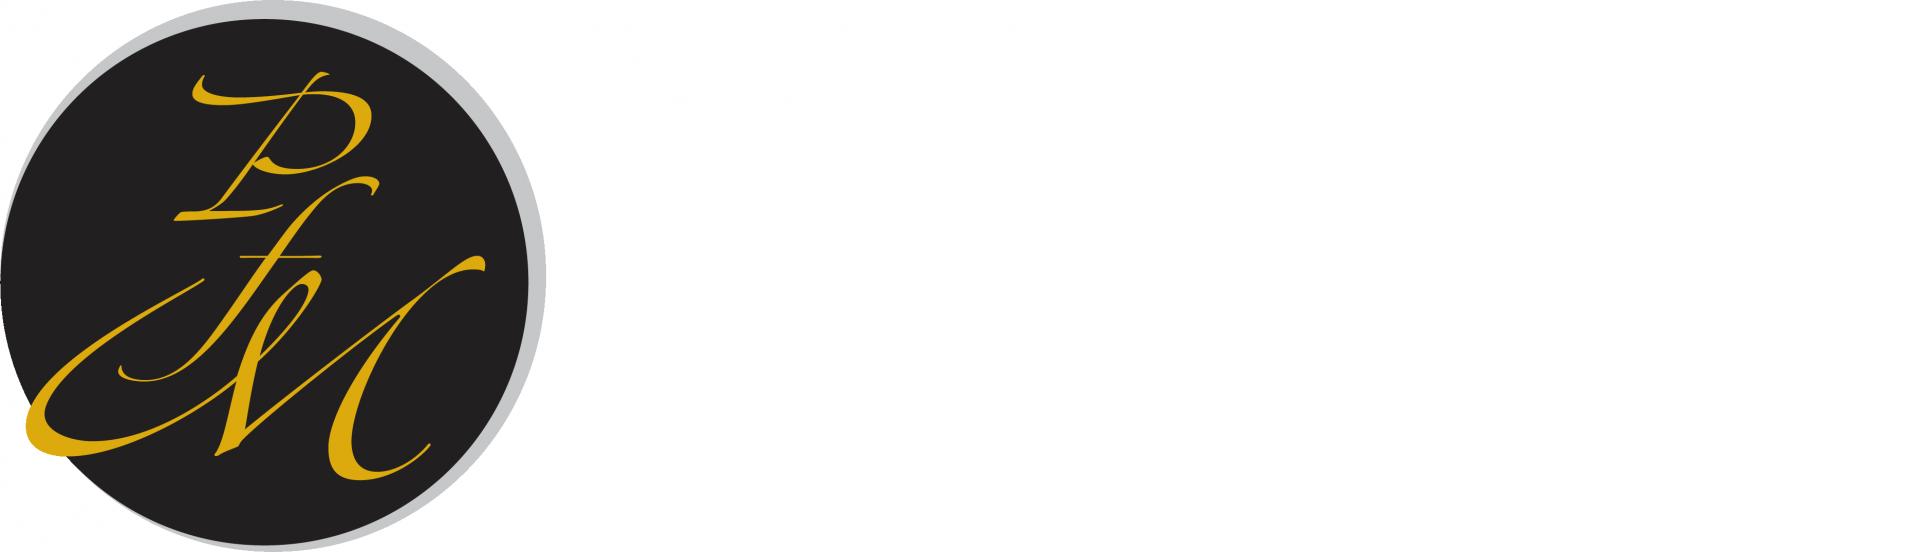 Logo Pompes Funebres Marco